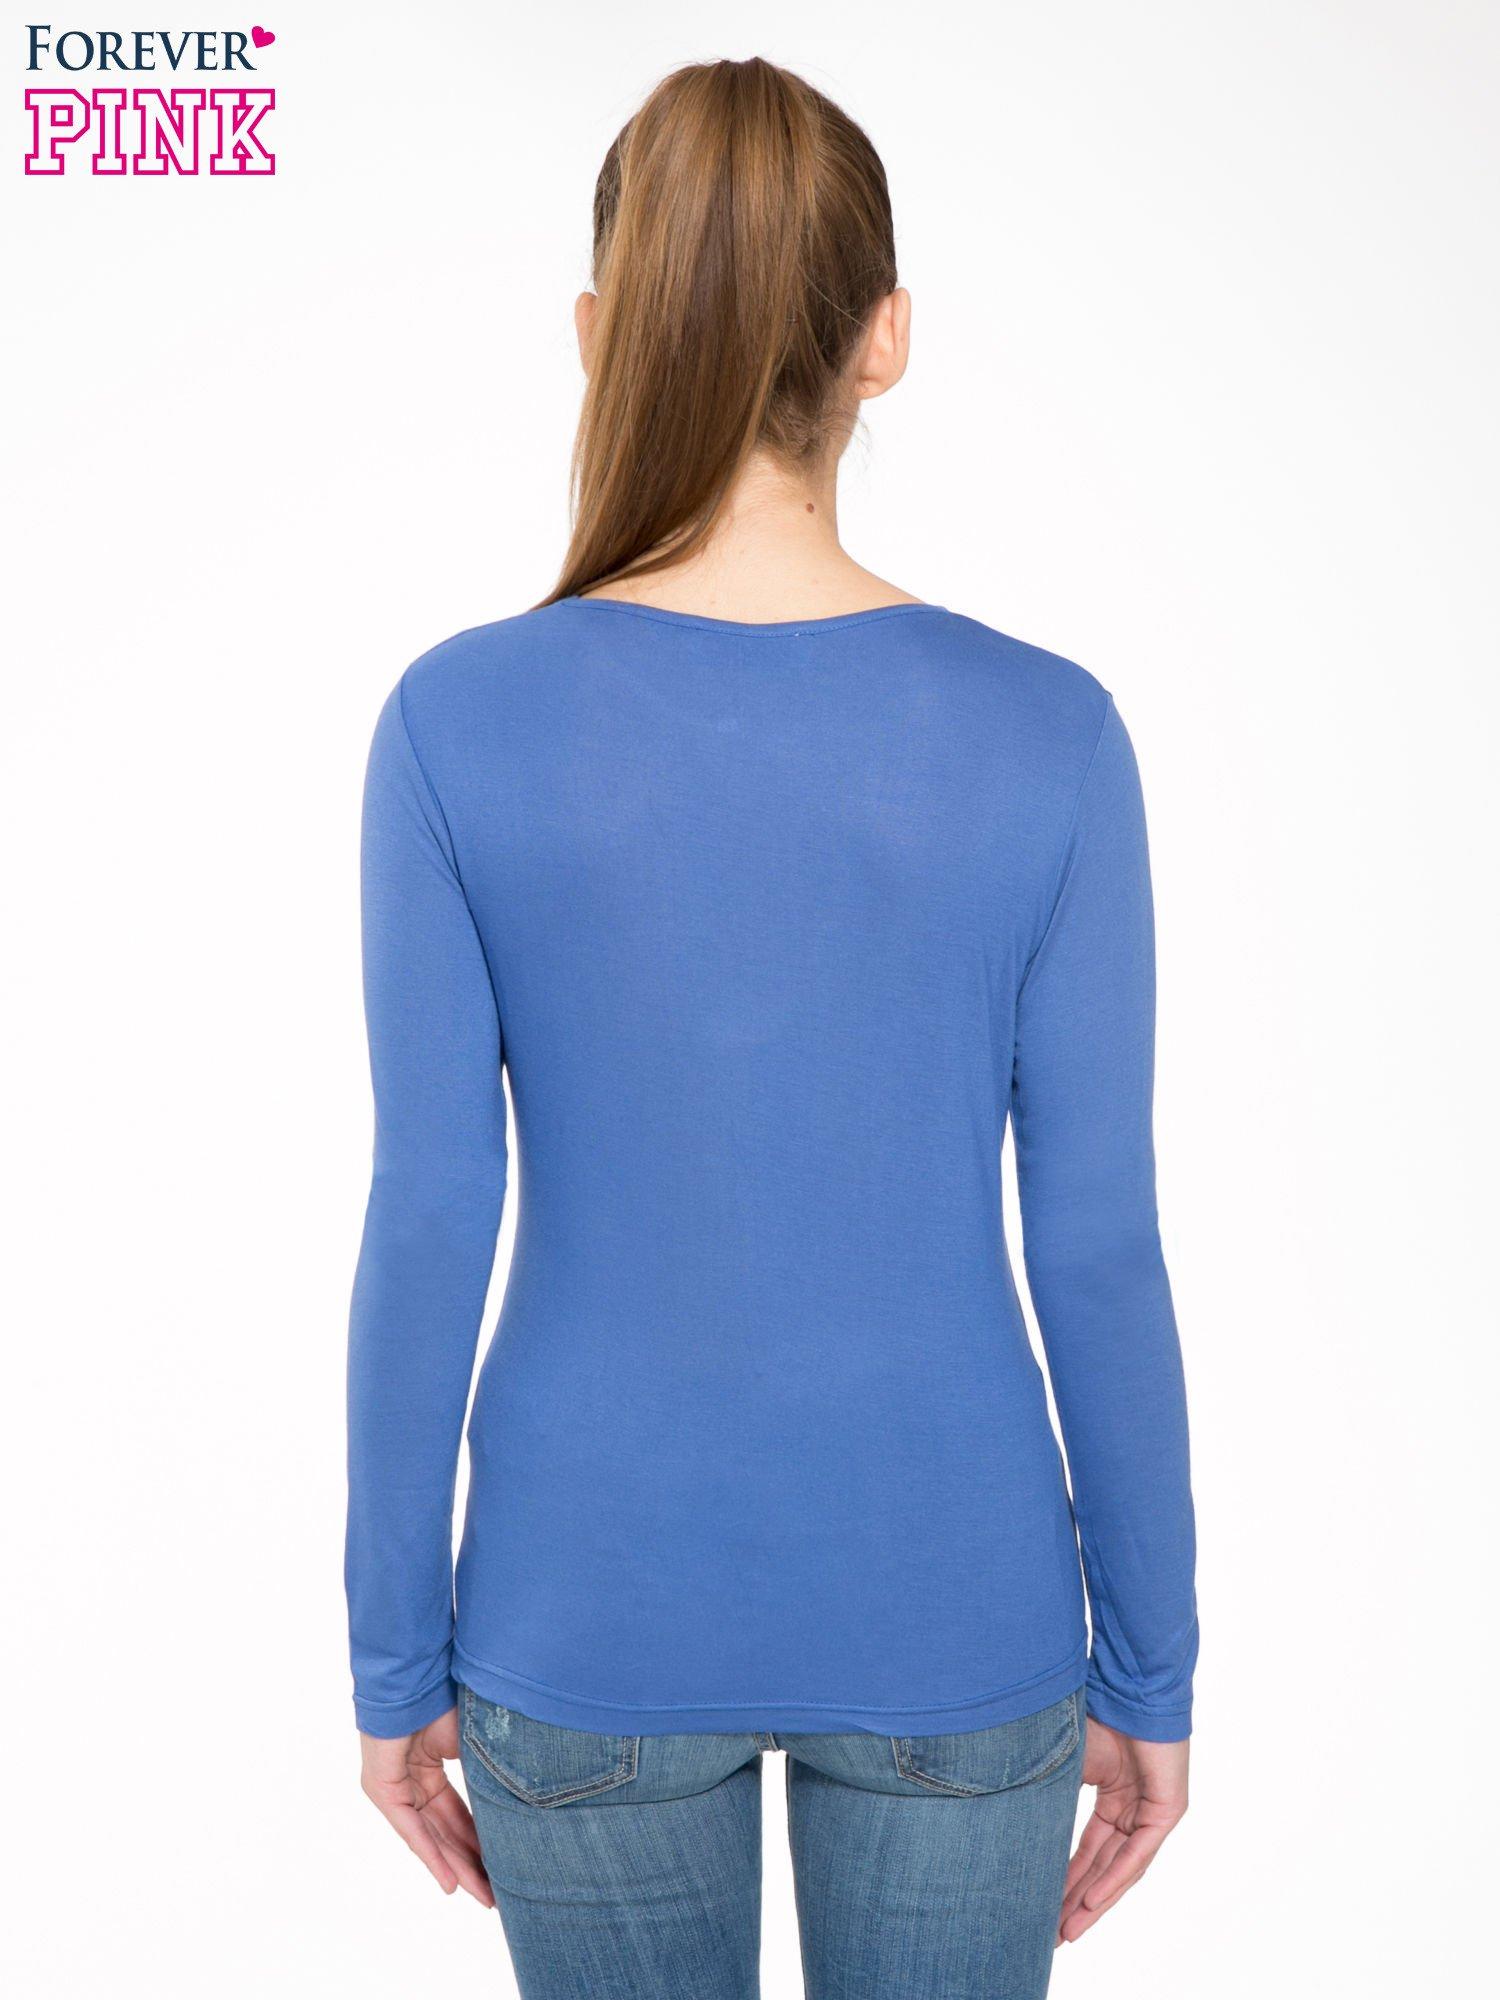 Niebieska bawełniana bluzka typu basic z długim rękawem                                  zdj.                                  4